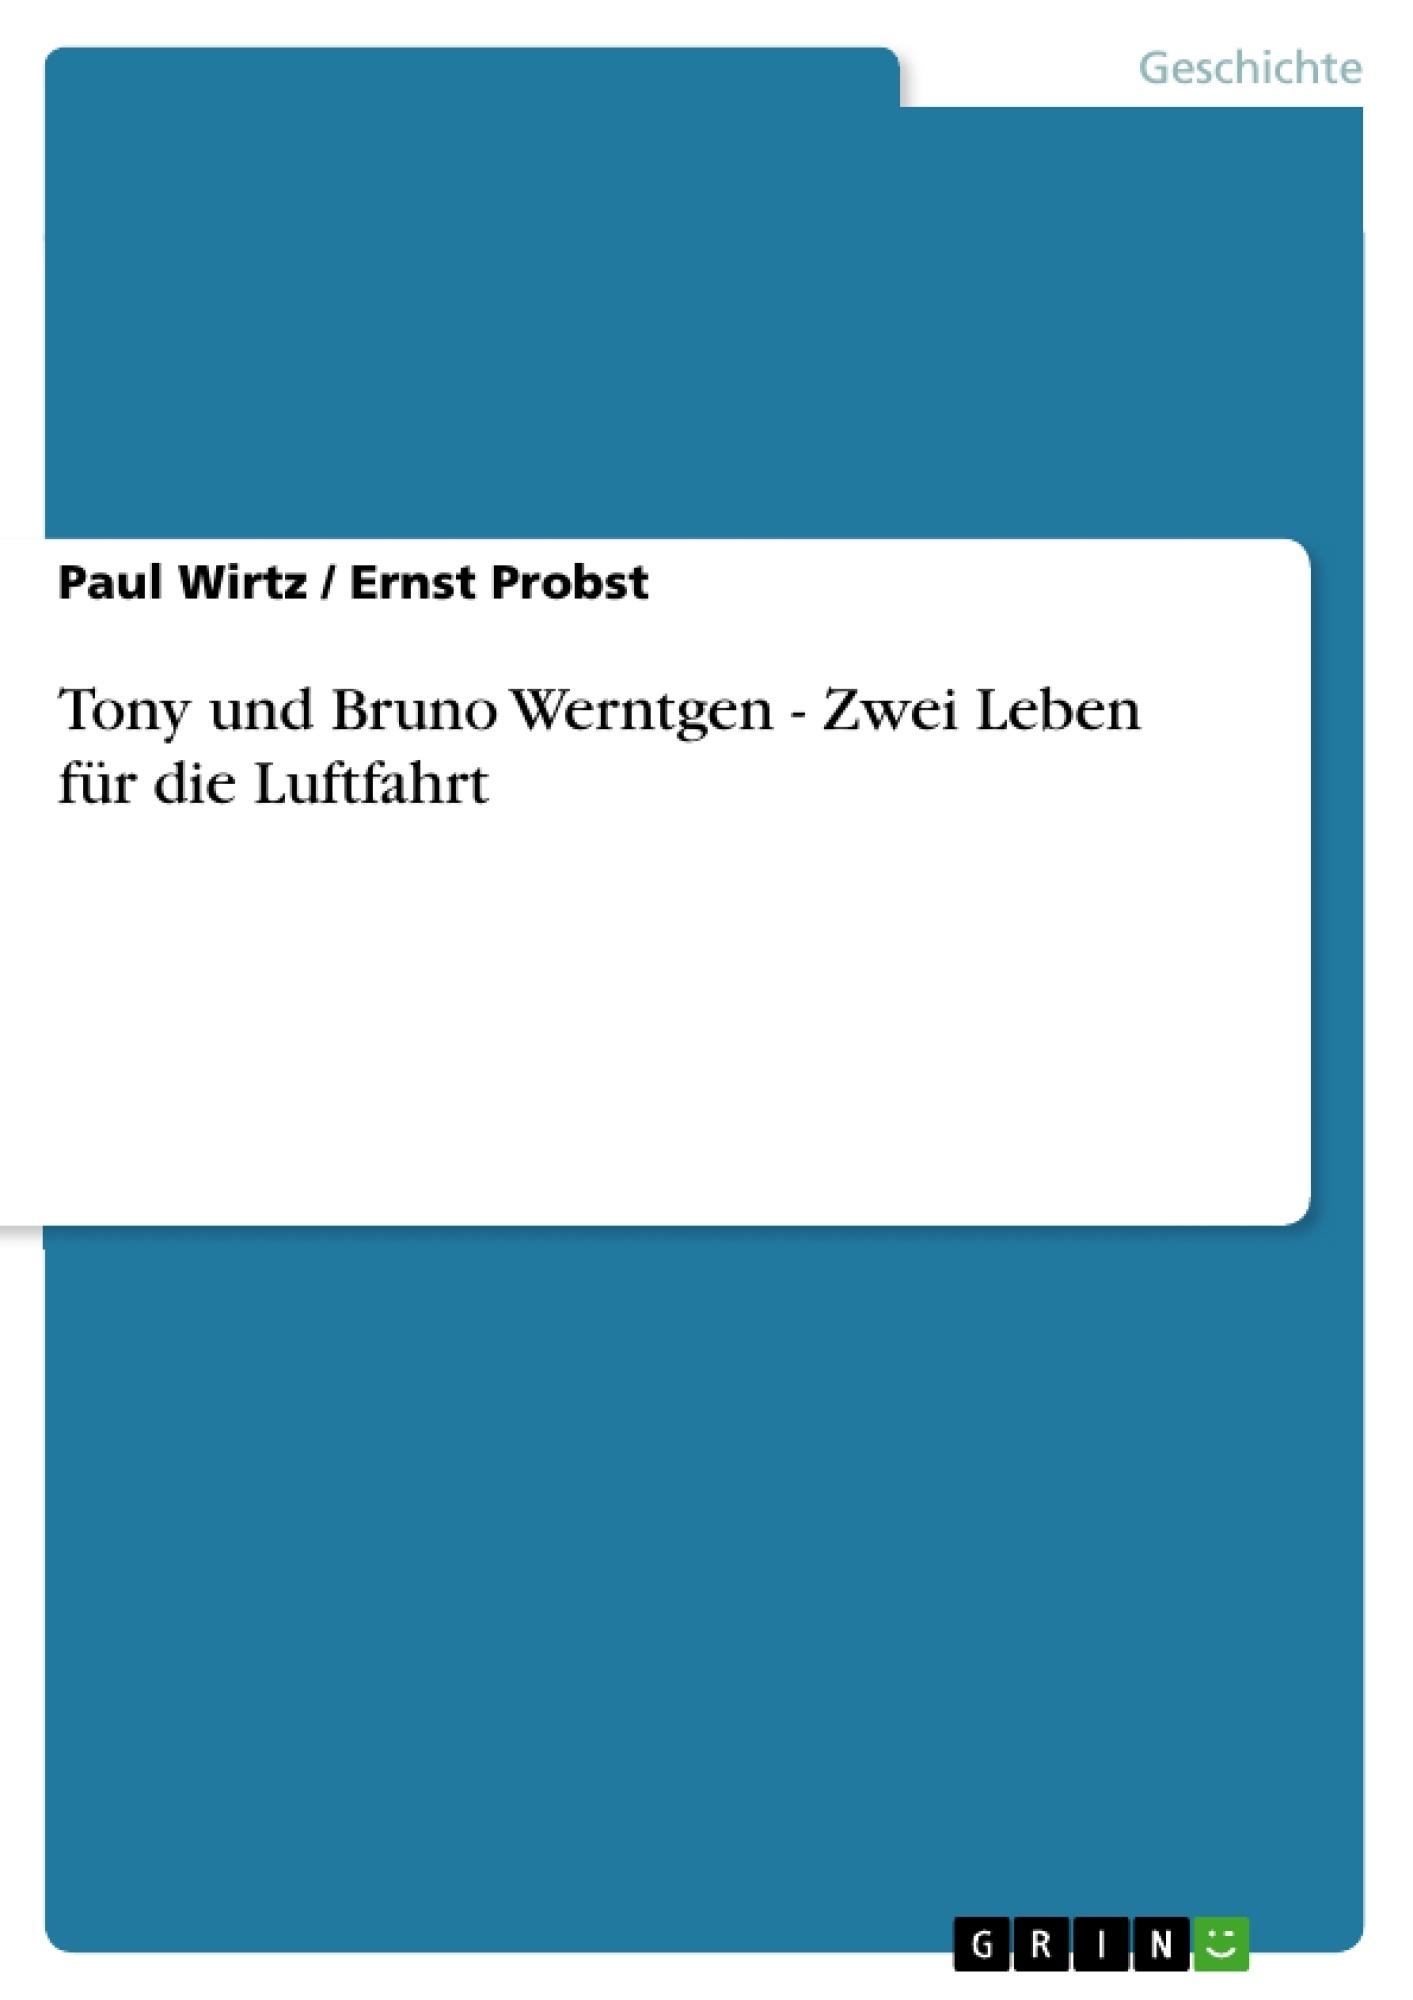 Titel: Tony und Bruno Werntgen - Zwei Leben für die Luftfahrt